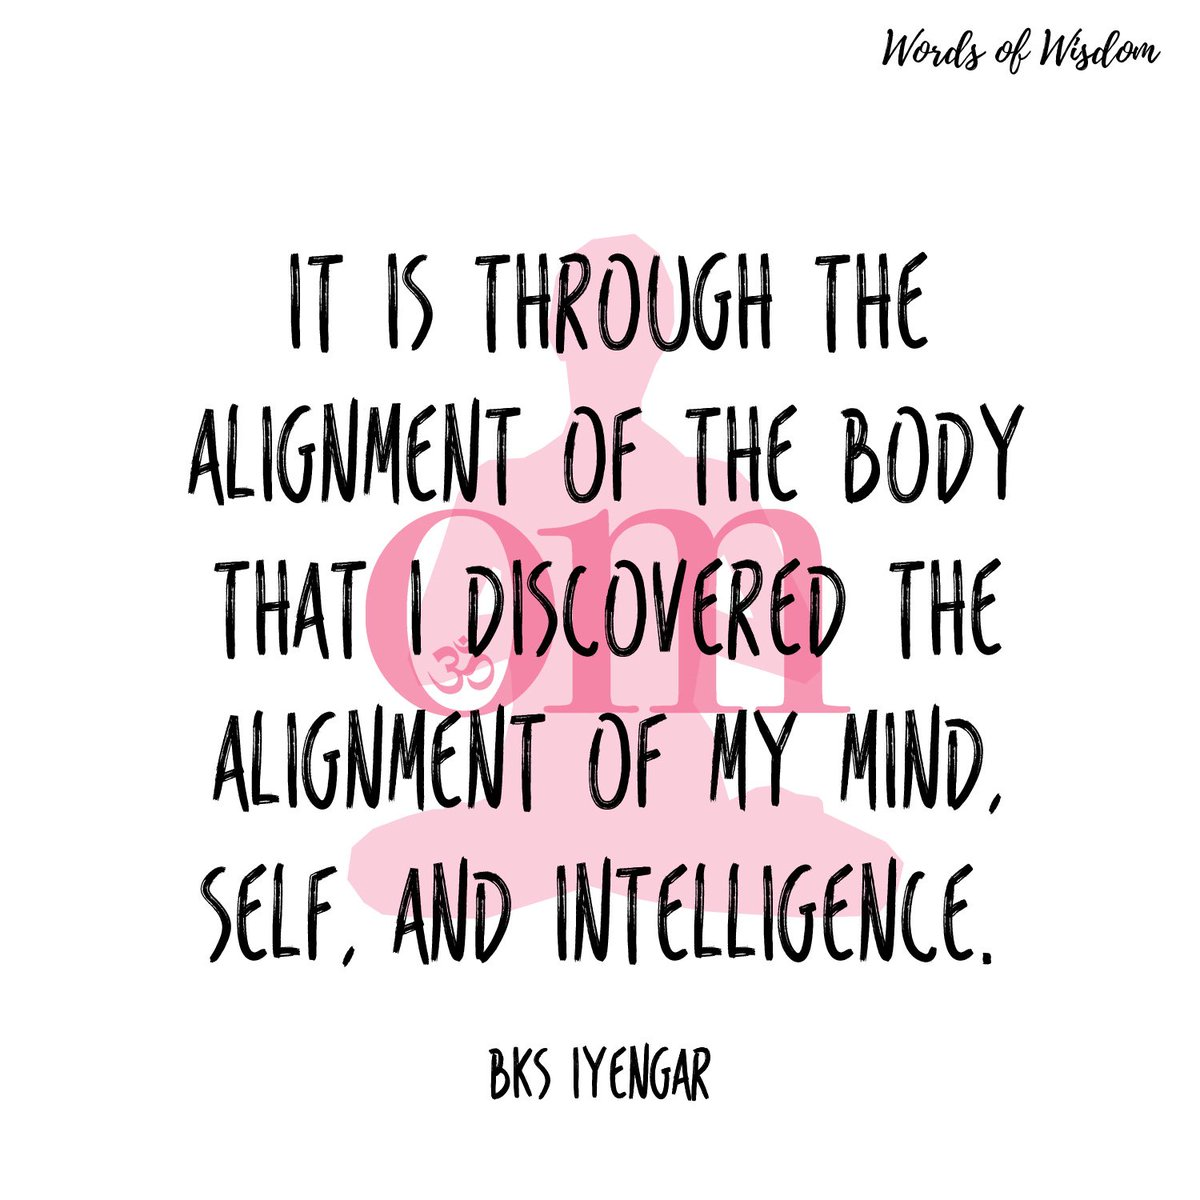 Our words of wisdom this month come from BKS Iyengar. #omwordsofwisdom #bksiyengar